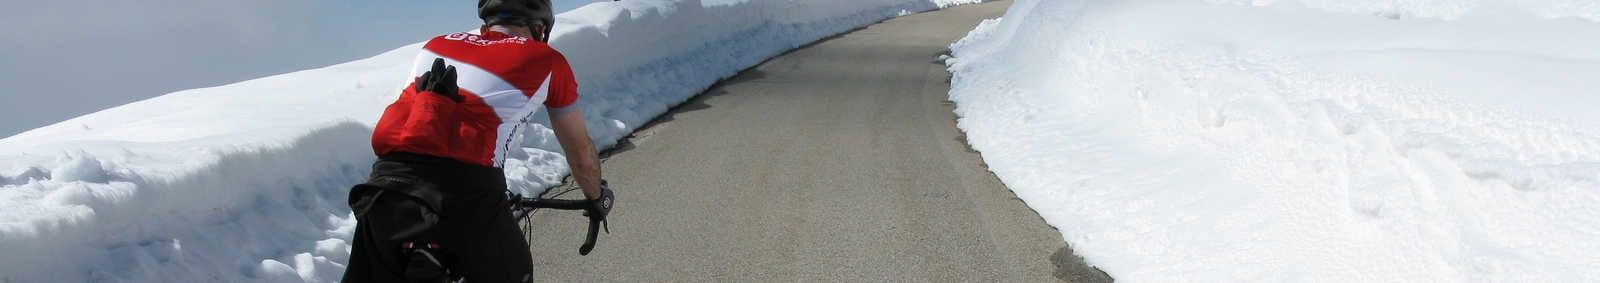 Cyclist on Mont Ventoux, France